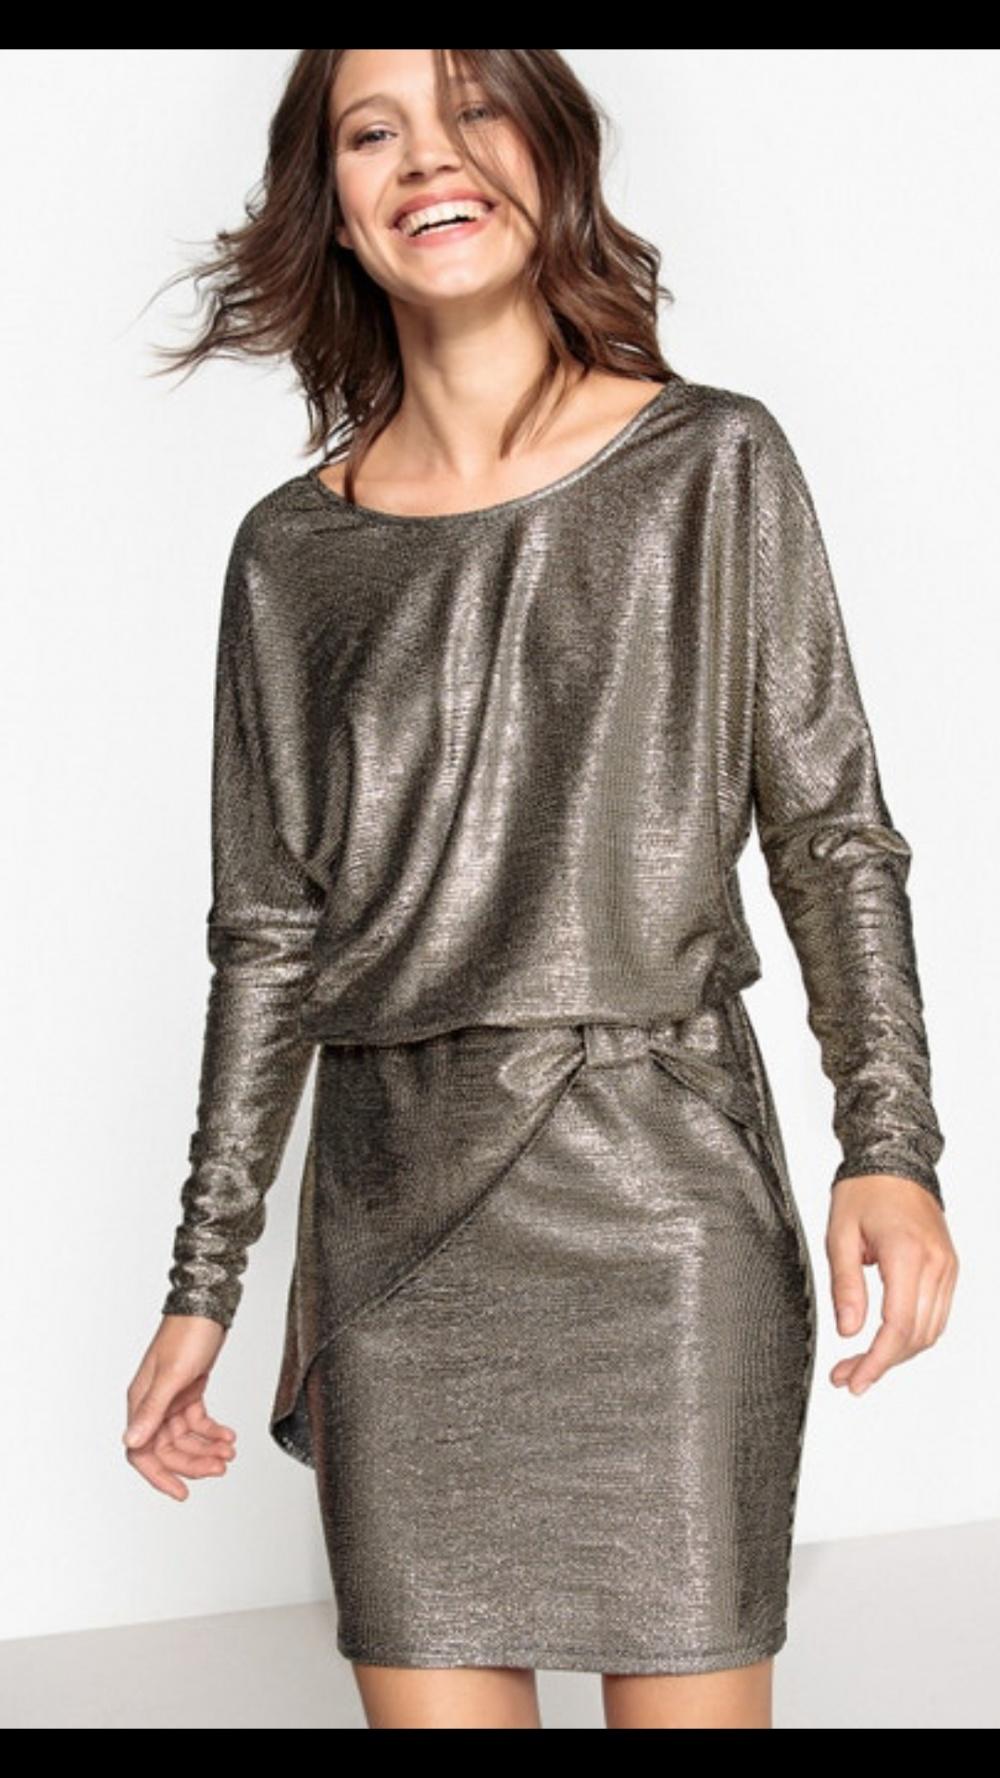 Платье La redoute 36 евро р-р.